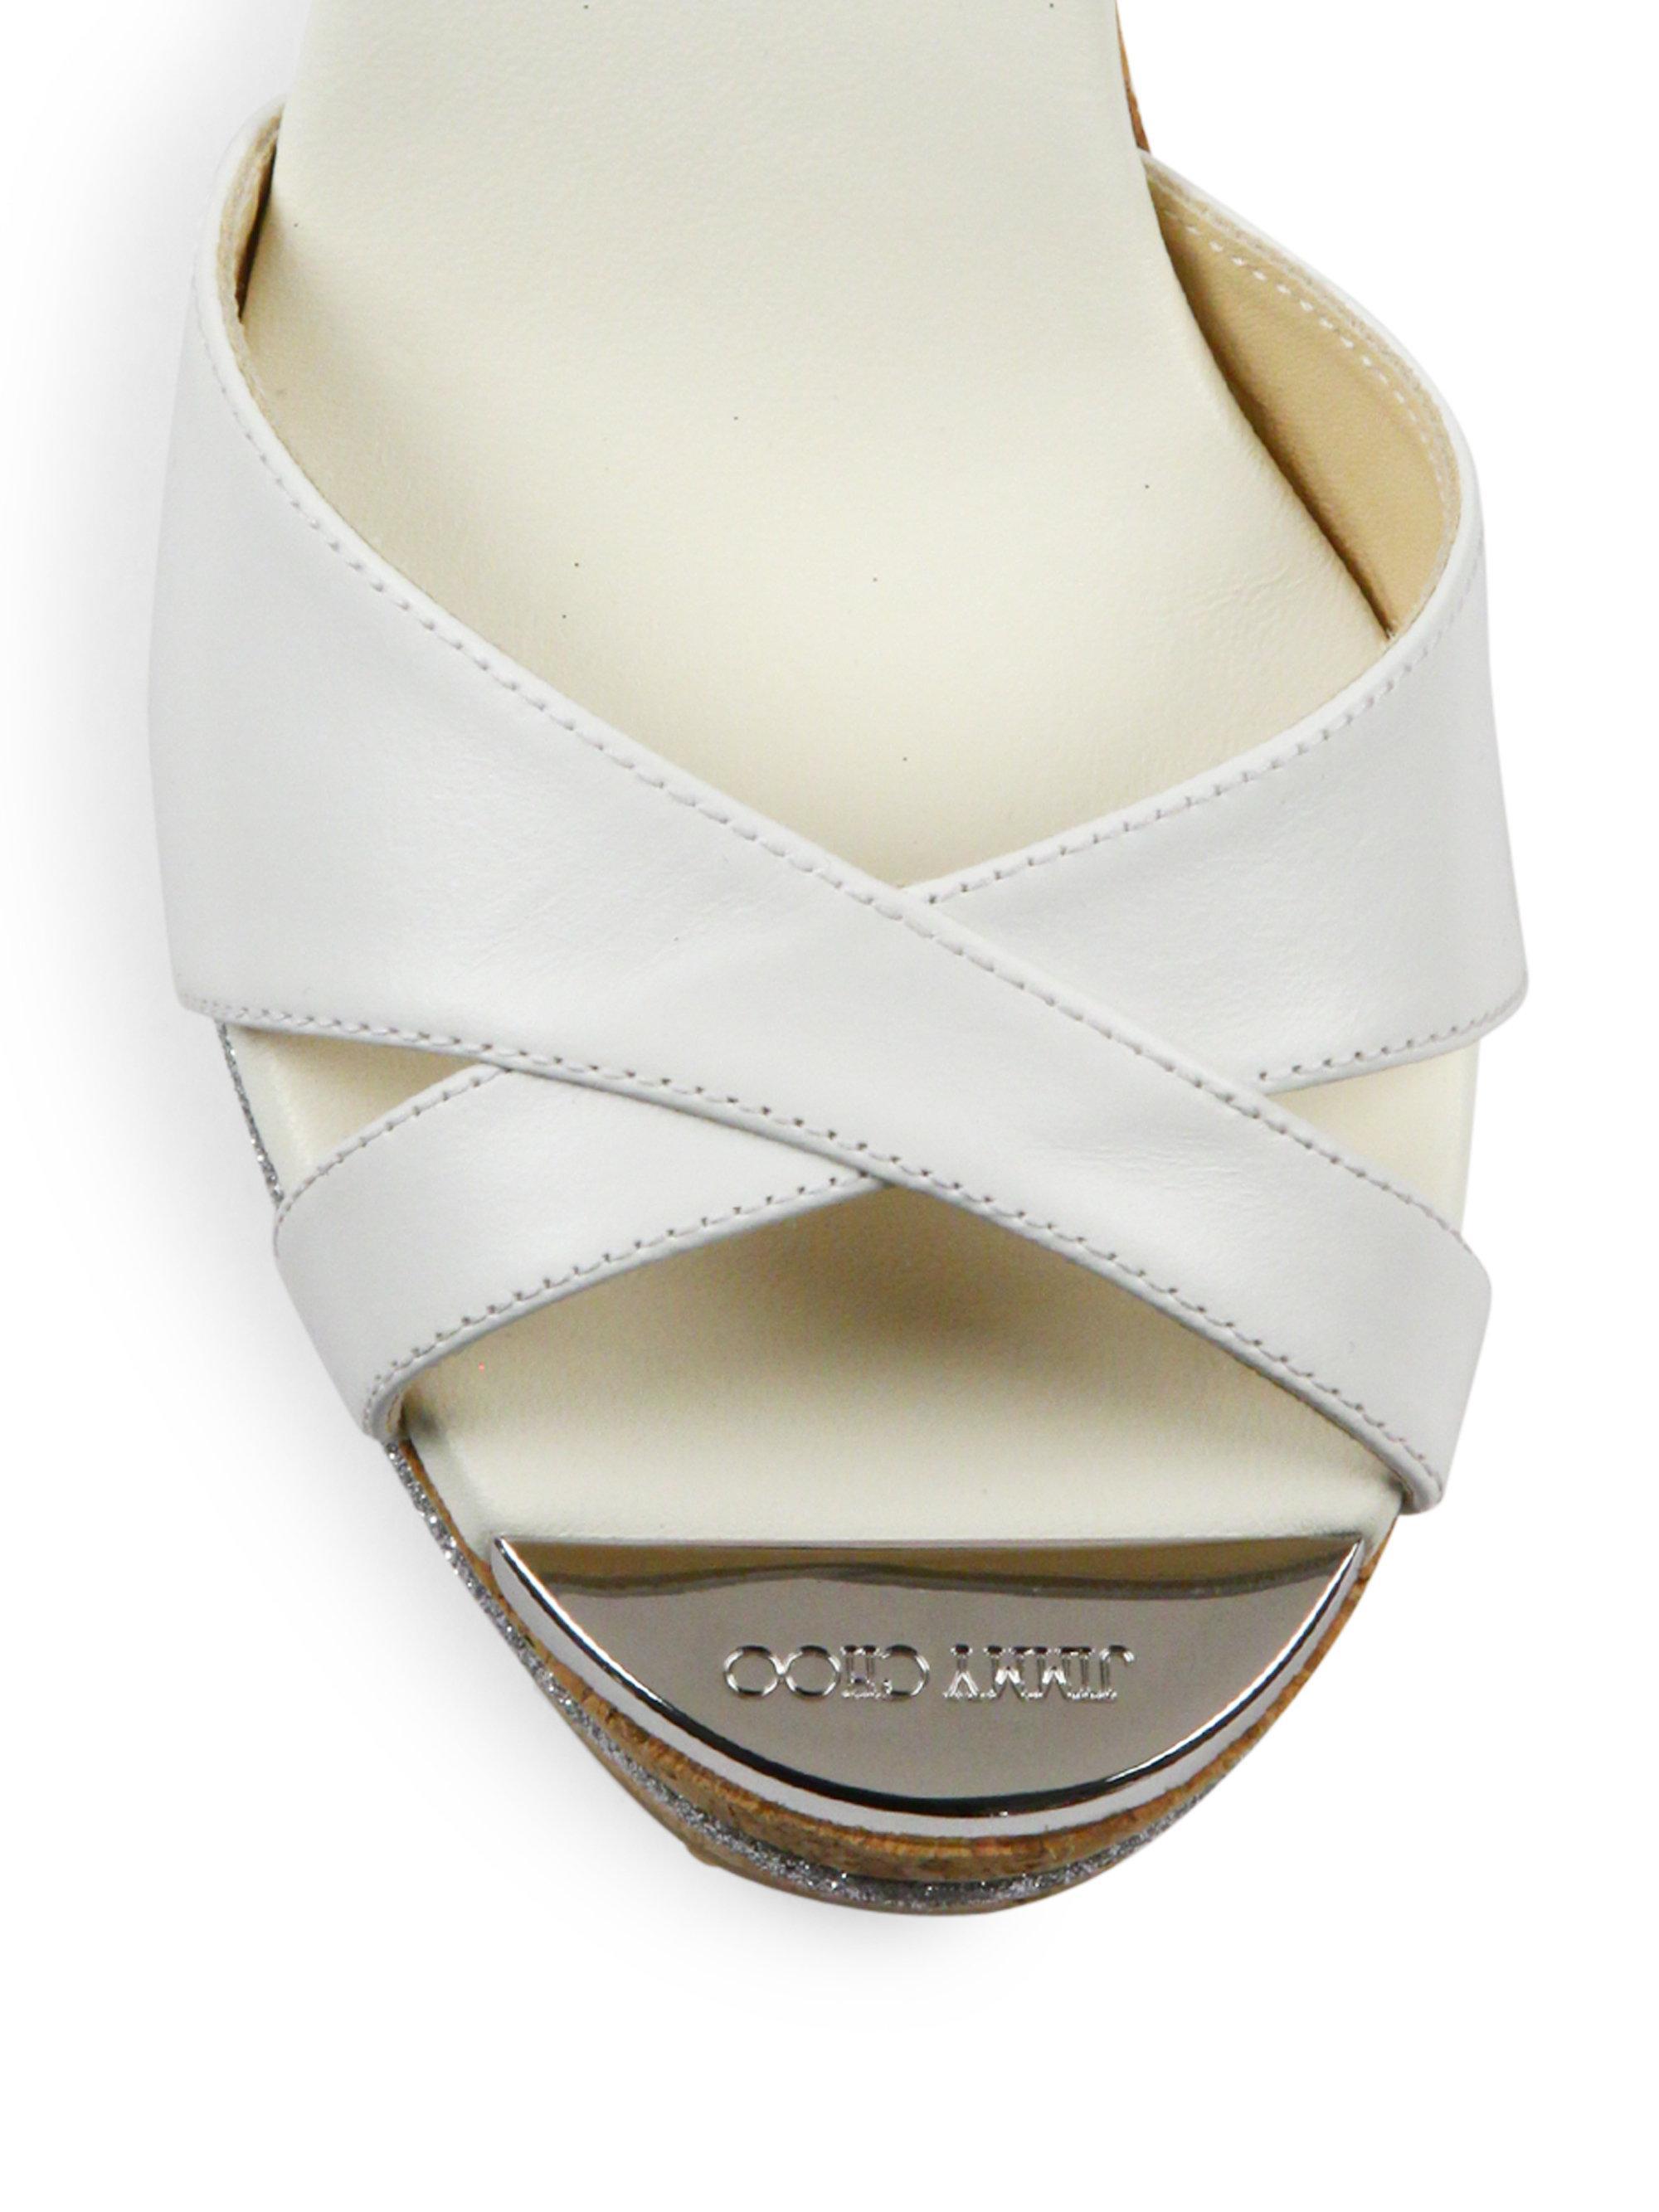 a6e6b4e3298f Lyst - Jimmy Choo Perfume 120 Leather Cork Wedge Slides in White